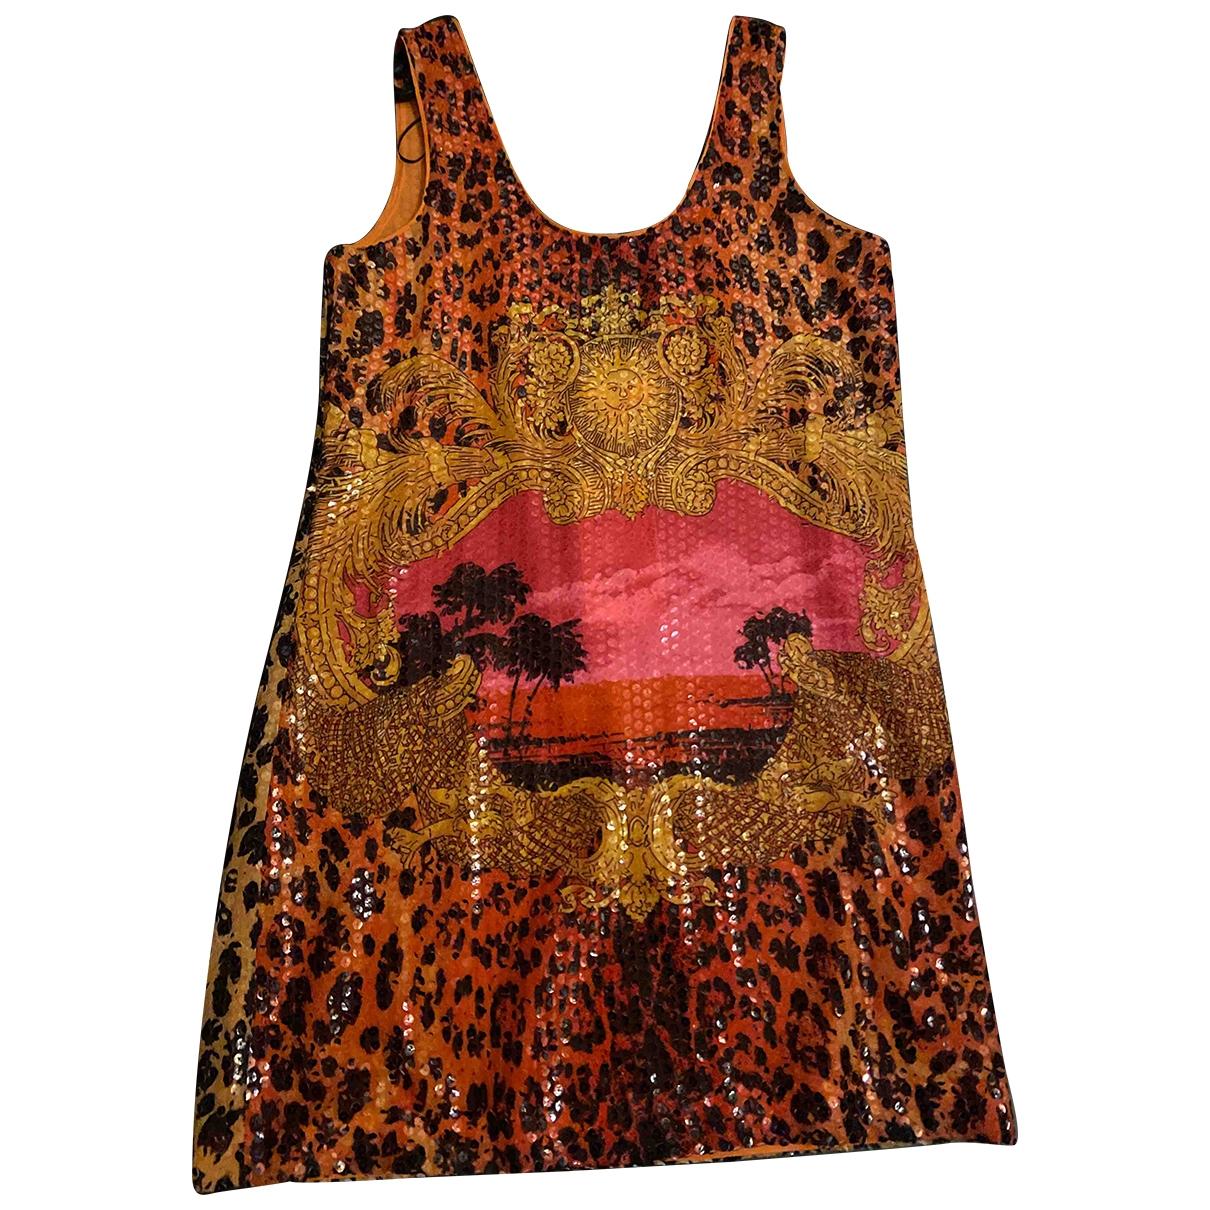 Versace X H&m - Robe   pour femme en a paillettes - orange